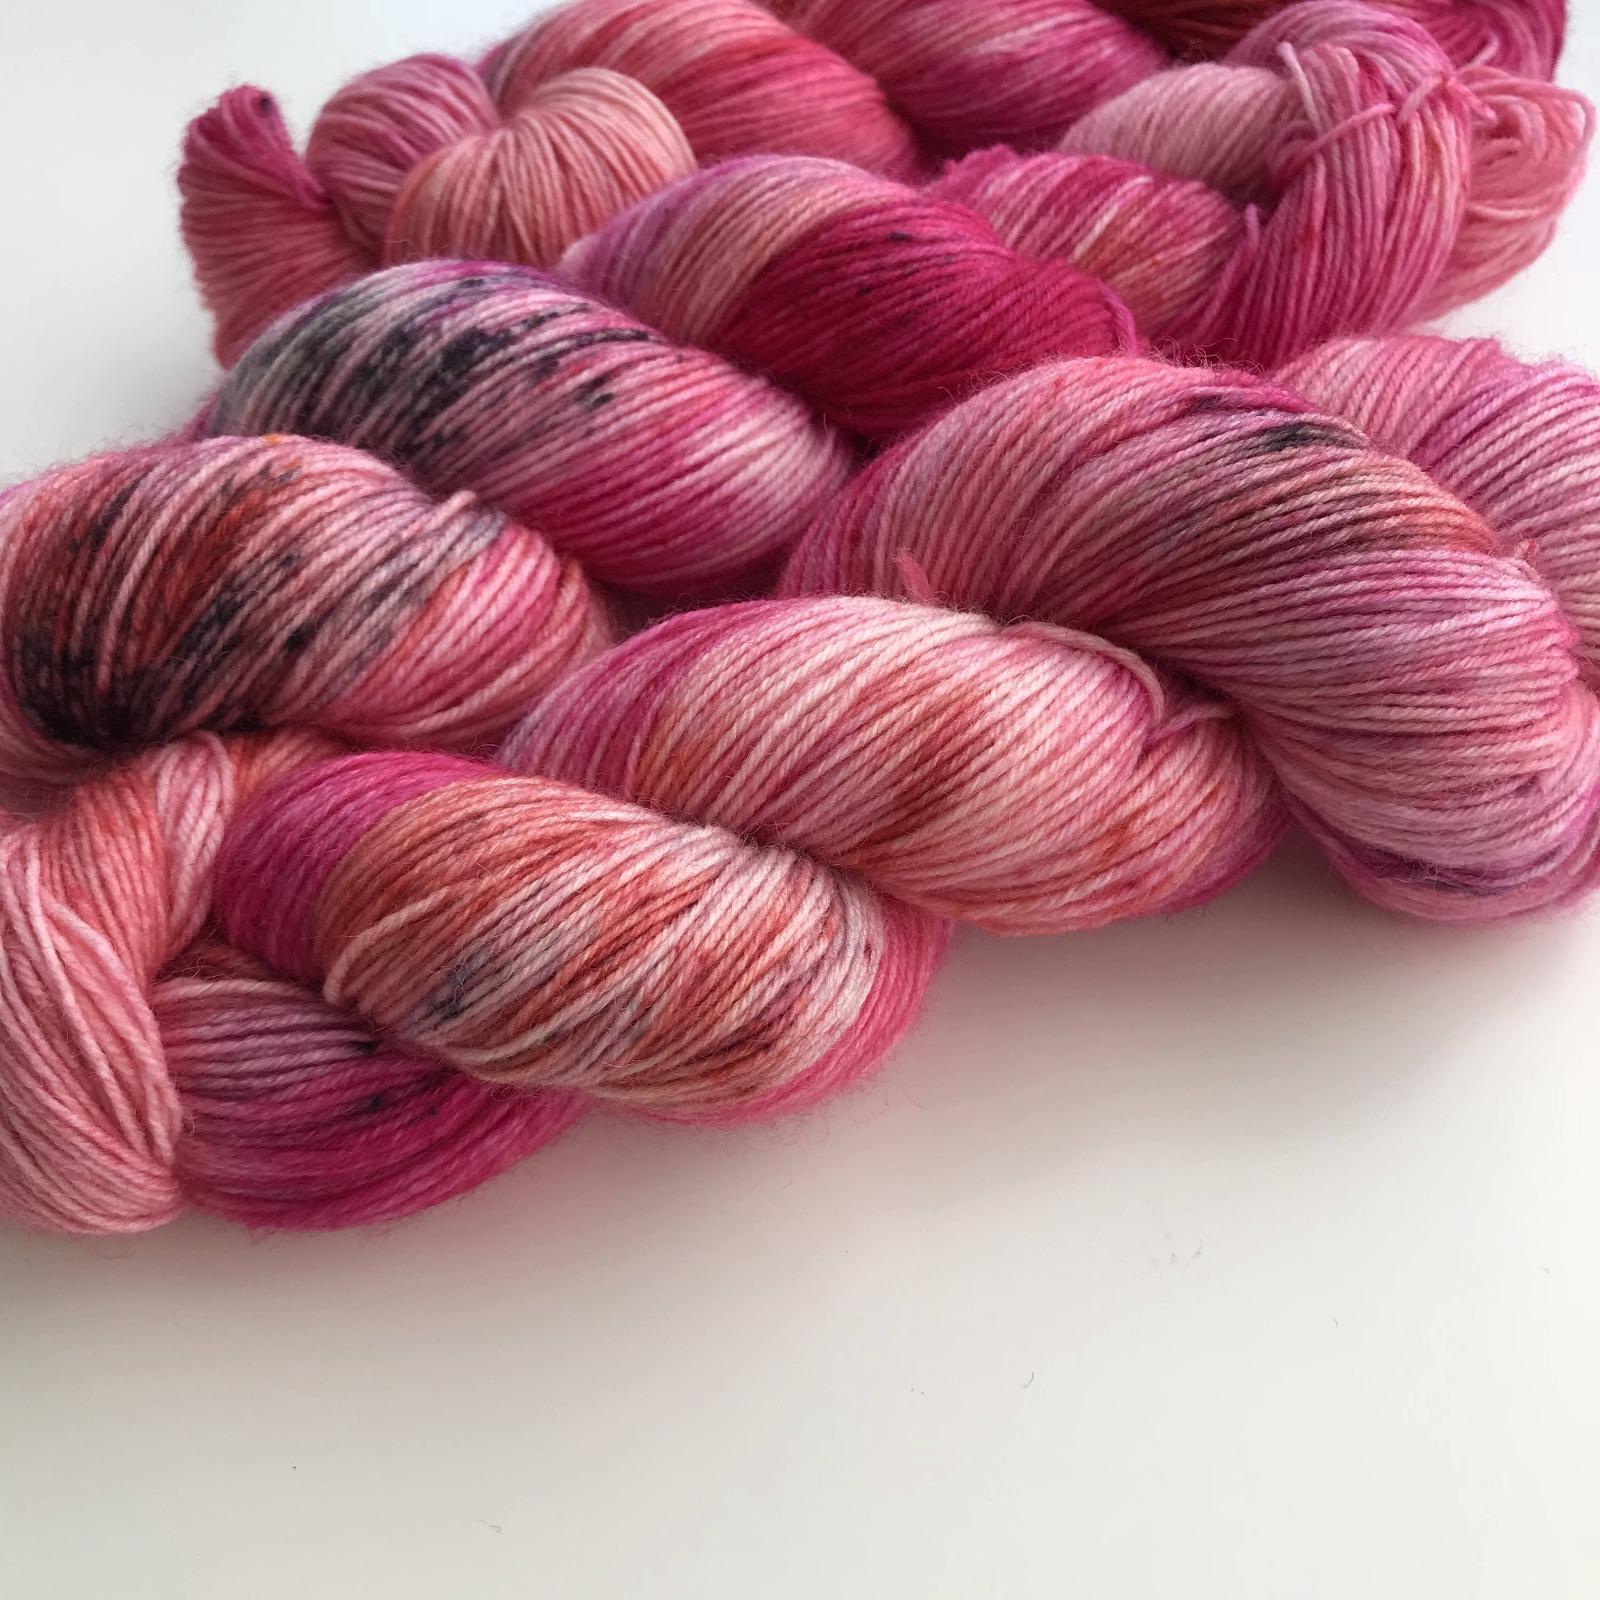 FLAMINGO LOVE - handgefärbte Sockenwolle